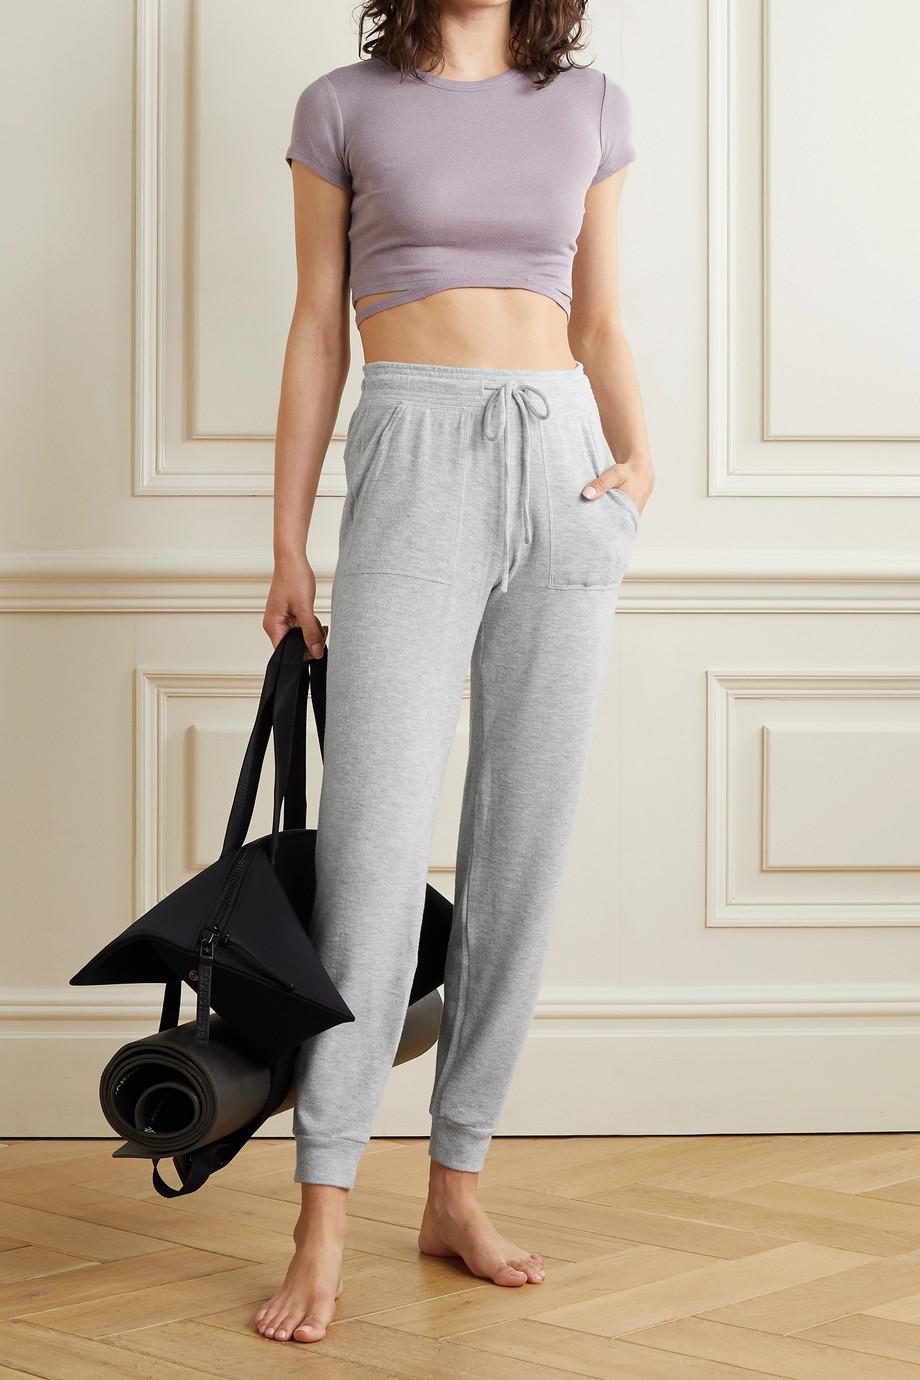 Alo Yoga Soho brushed stretch-jersey track pants